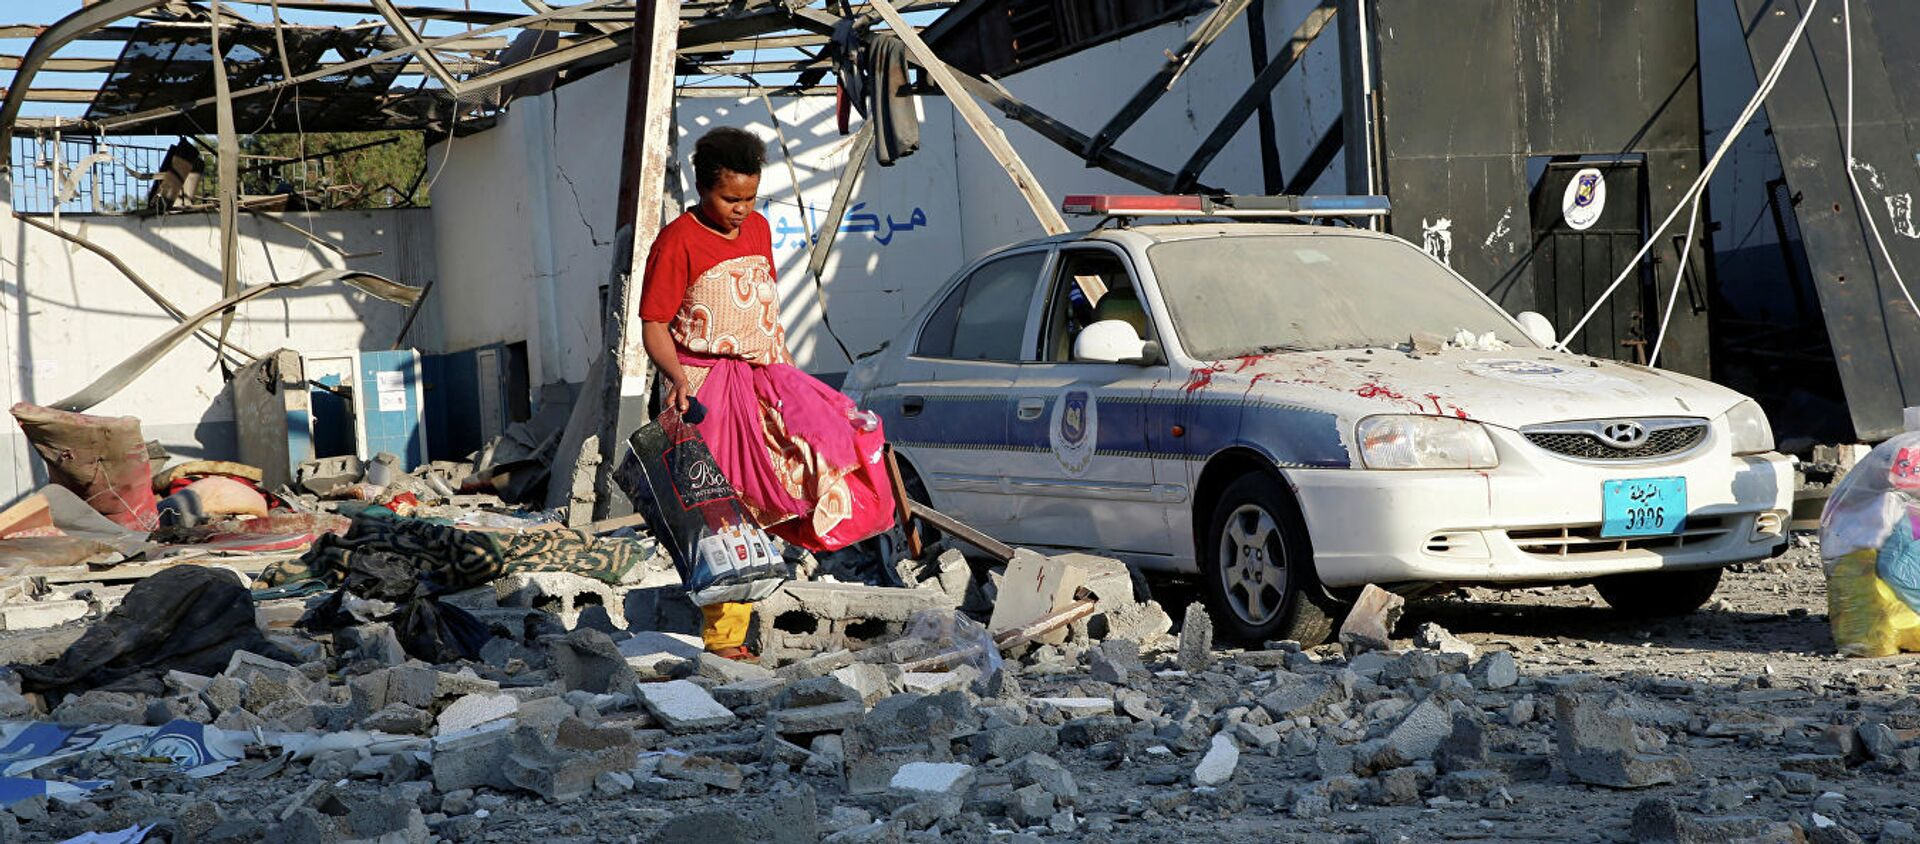 Мигрант собирает целую одежду после авианалета на лагерь беженцев в Ливии. 3 июля 2019  - Sputnik Абхазия, 1920, 22.01.2020